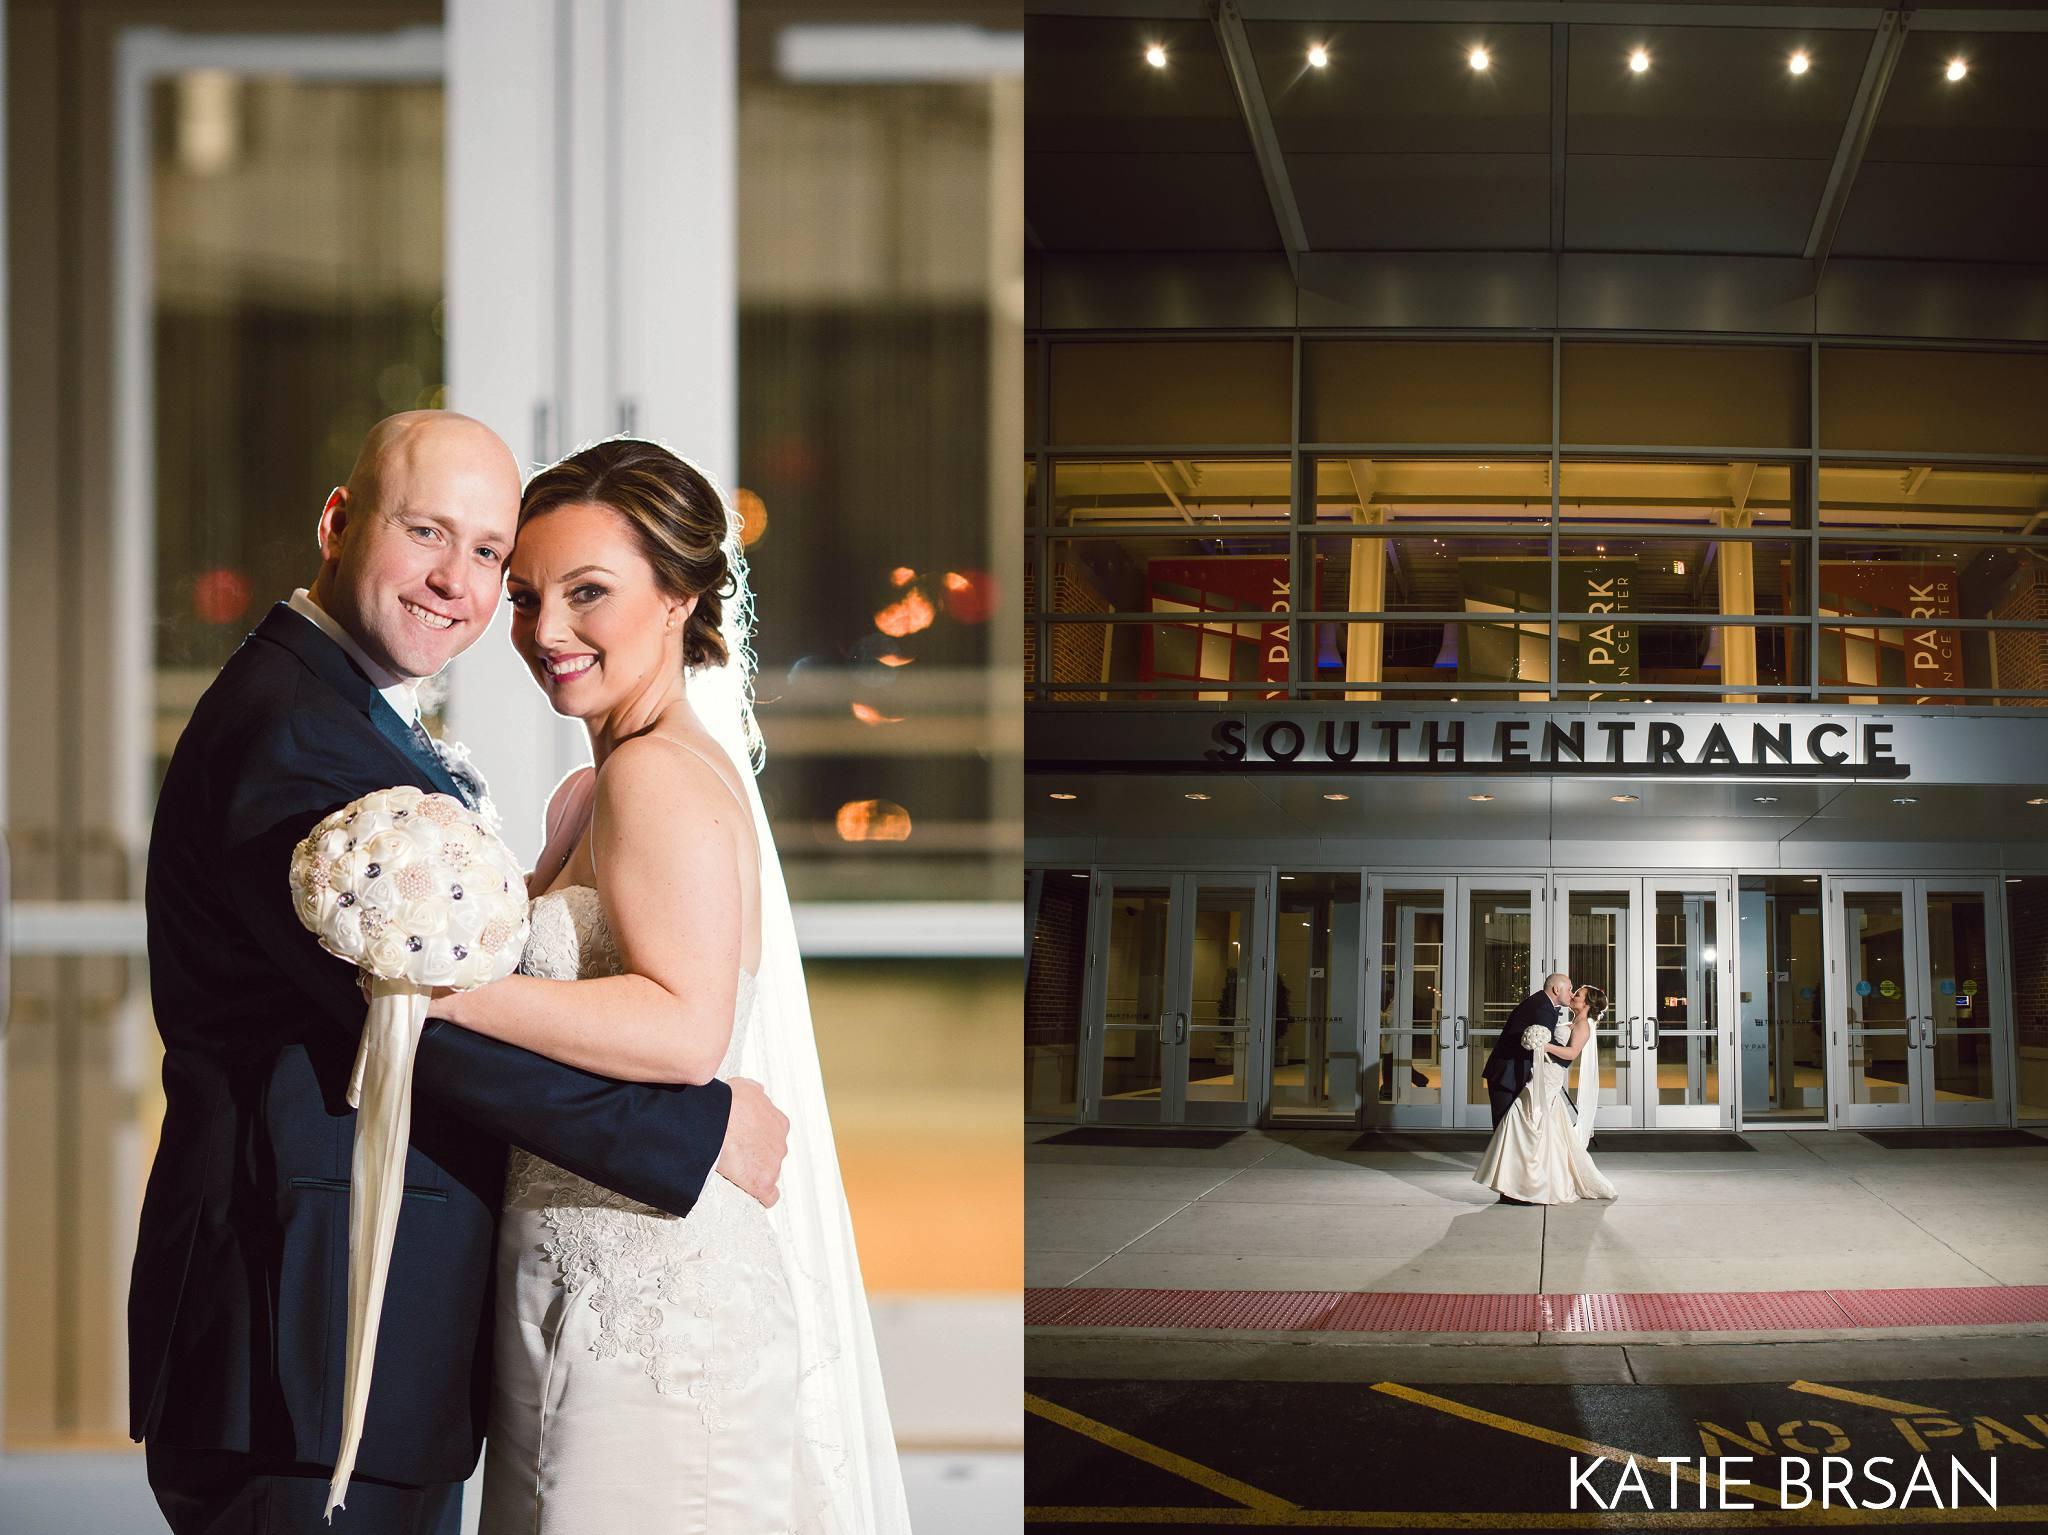 KatieBrsan-NewYearsEve-Wedding_0475.jpg